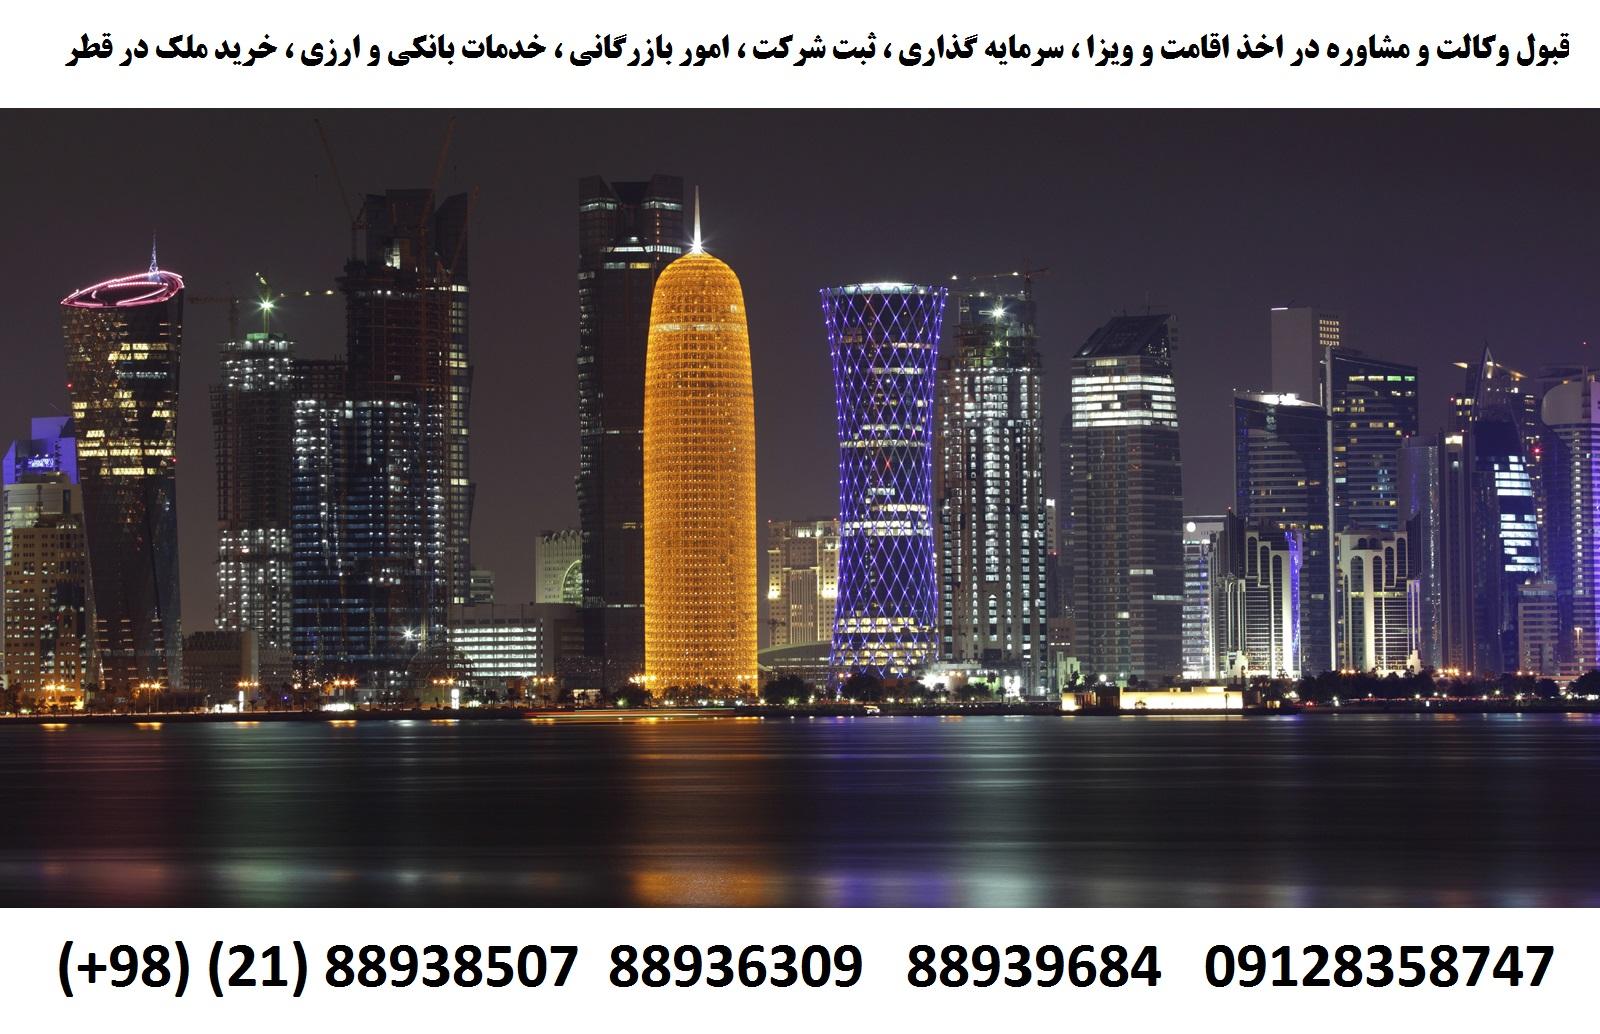 سرمایه گذاری ، خرید ملک ، اخذ اقامت ، اخذ ویزا ،؛ ویزای تحصیلی در قطر (2)